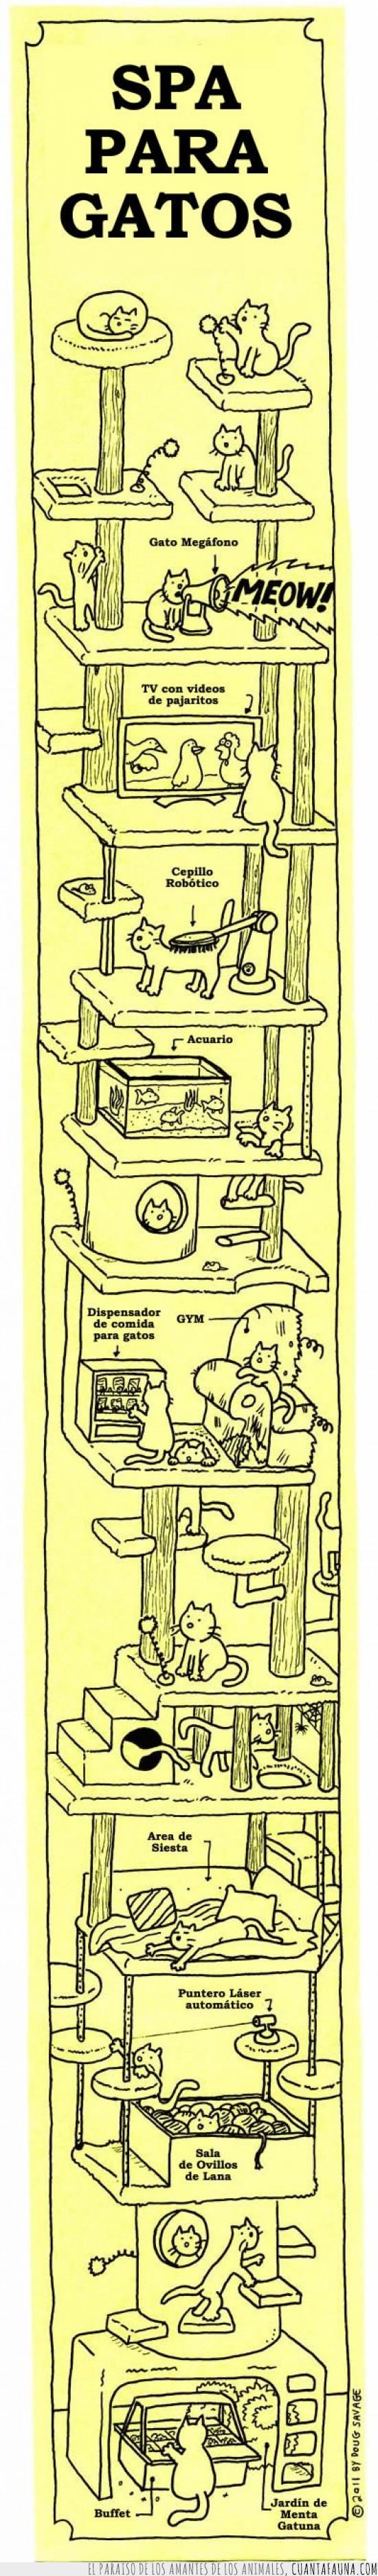 dormir,gatos,hotel,juegos,lana,laser,masaje,raton,spa